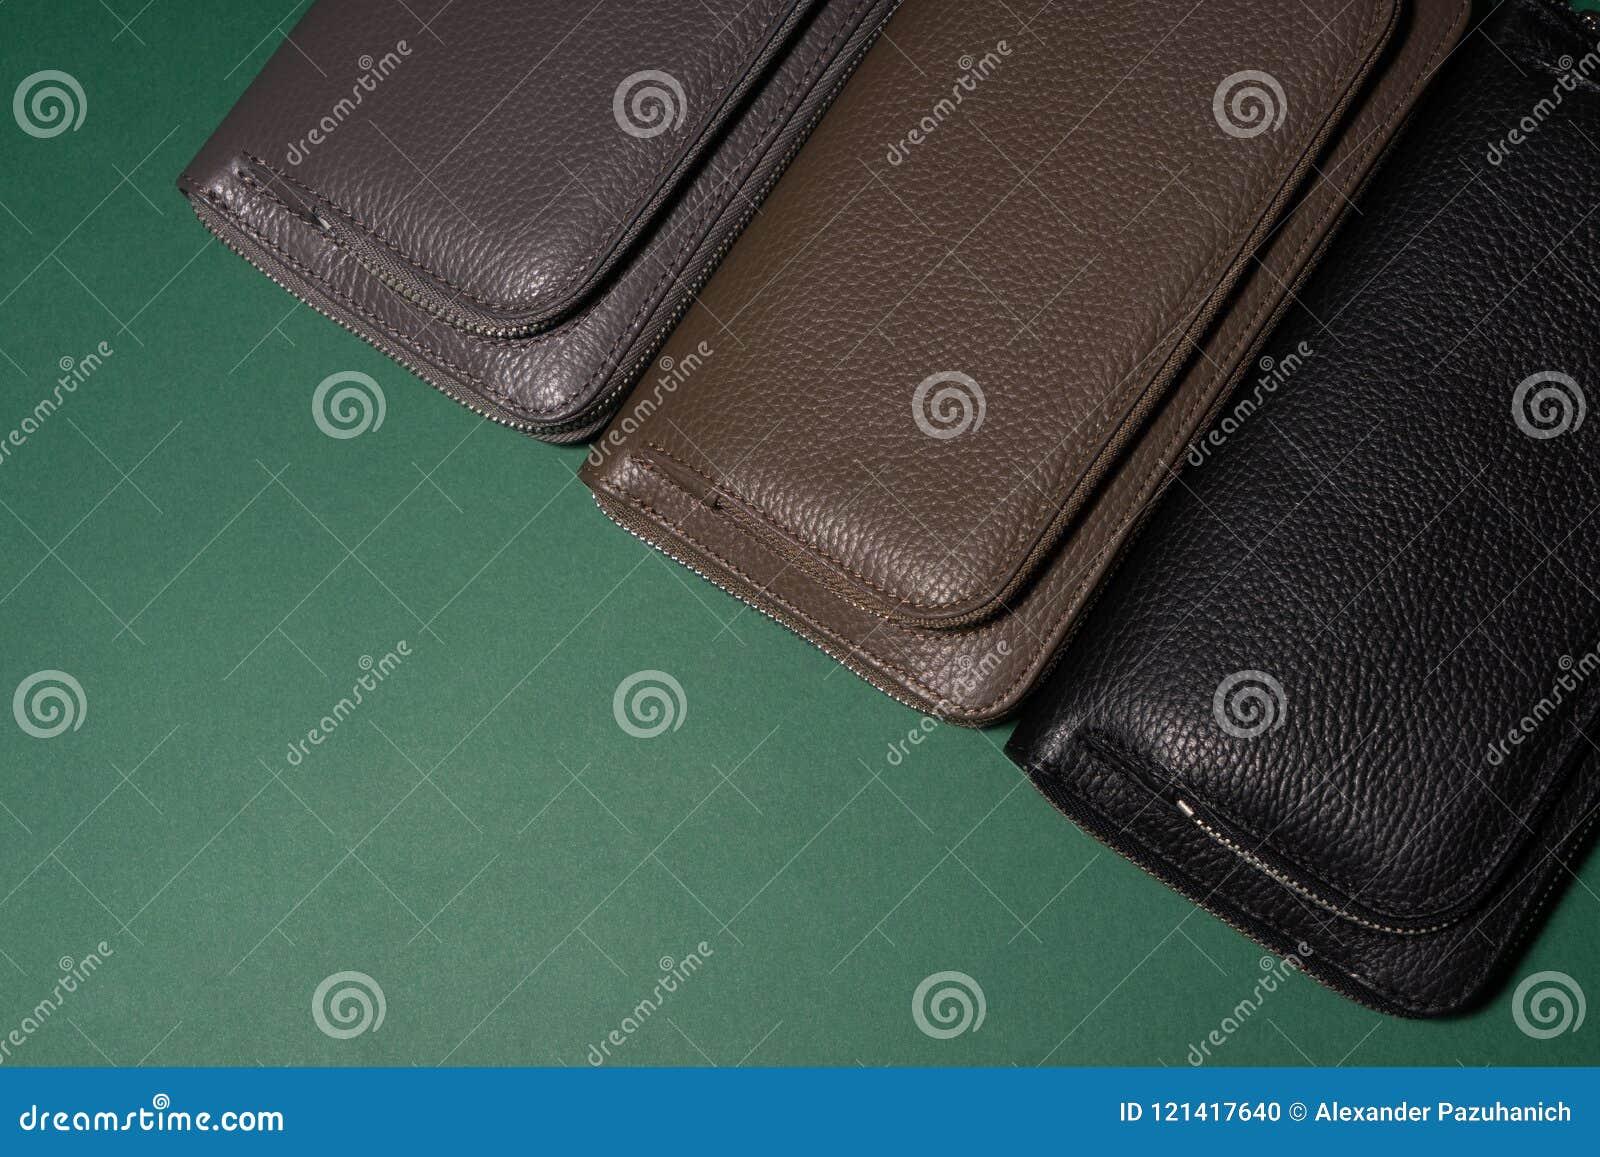 Diversas carteras de cuero en la cremallera Fondo verde